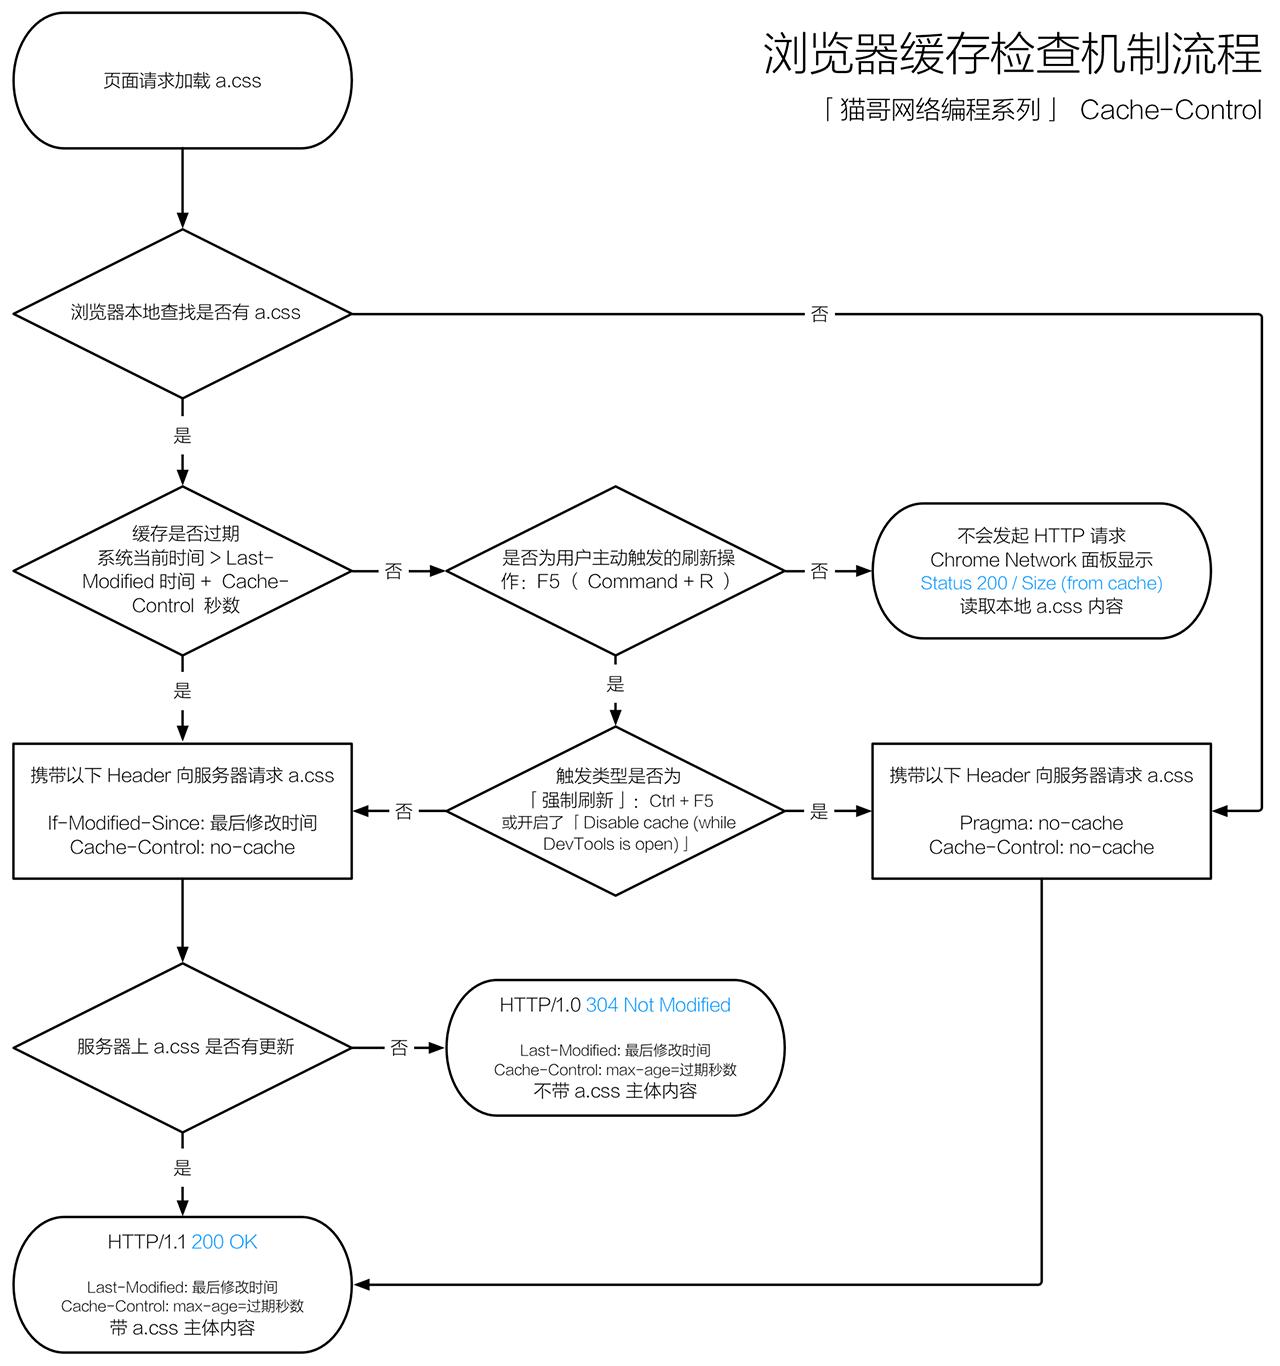 浏览器缓存检查机制流程